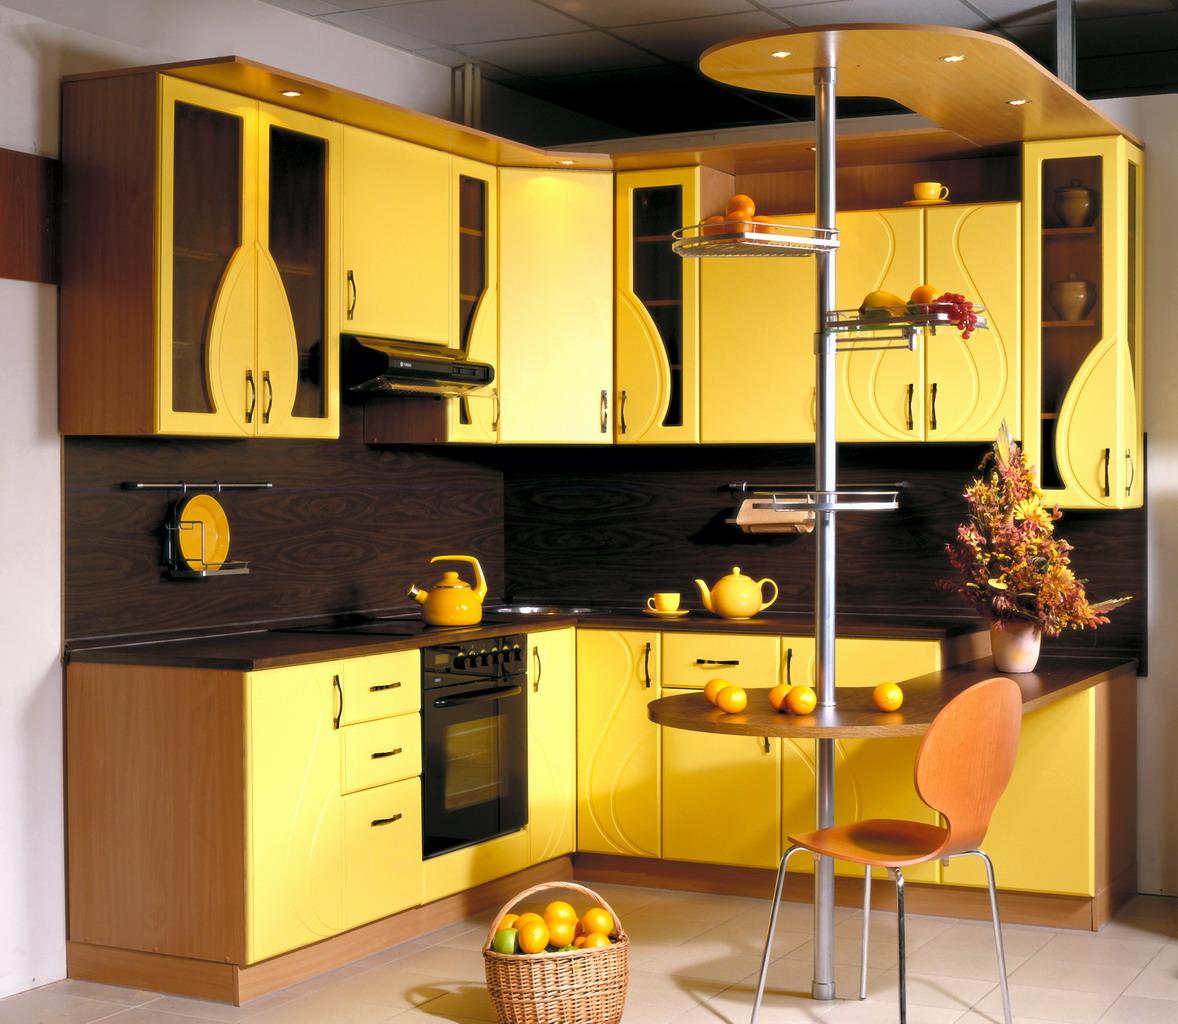 Жёлтый цвет в интерьере фото 10